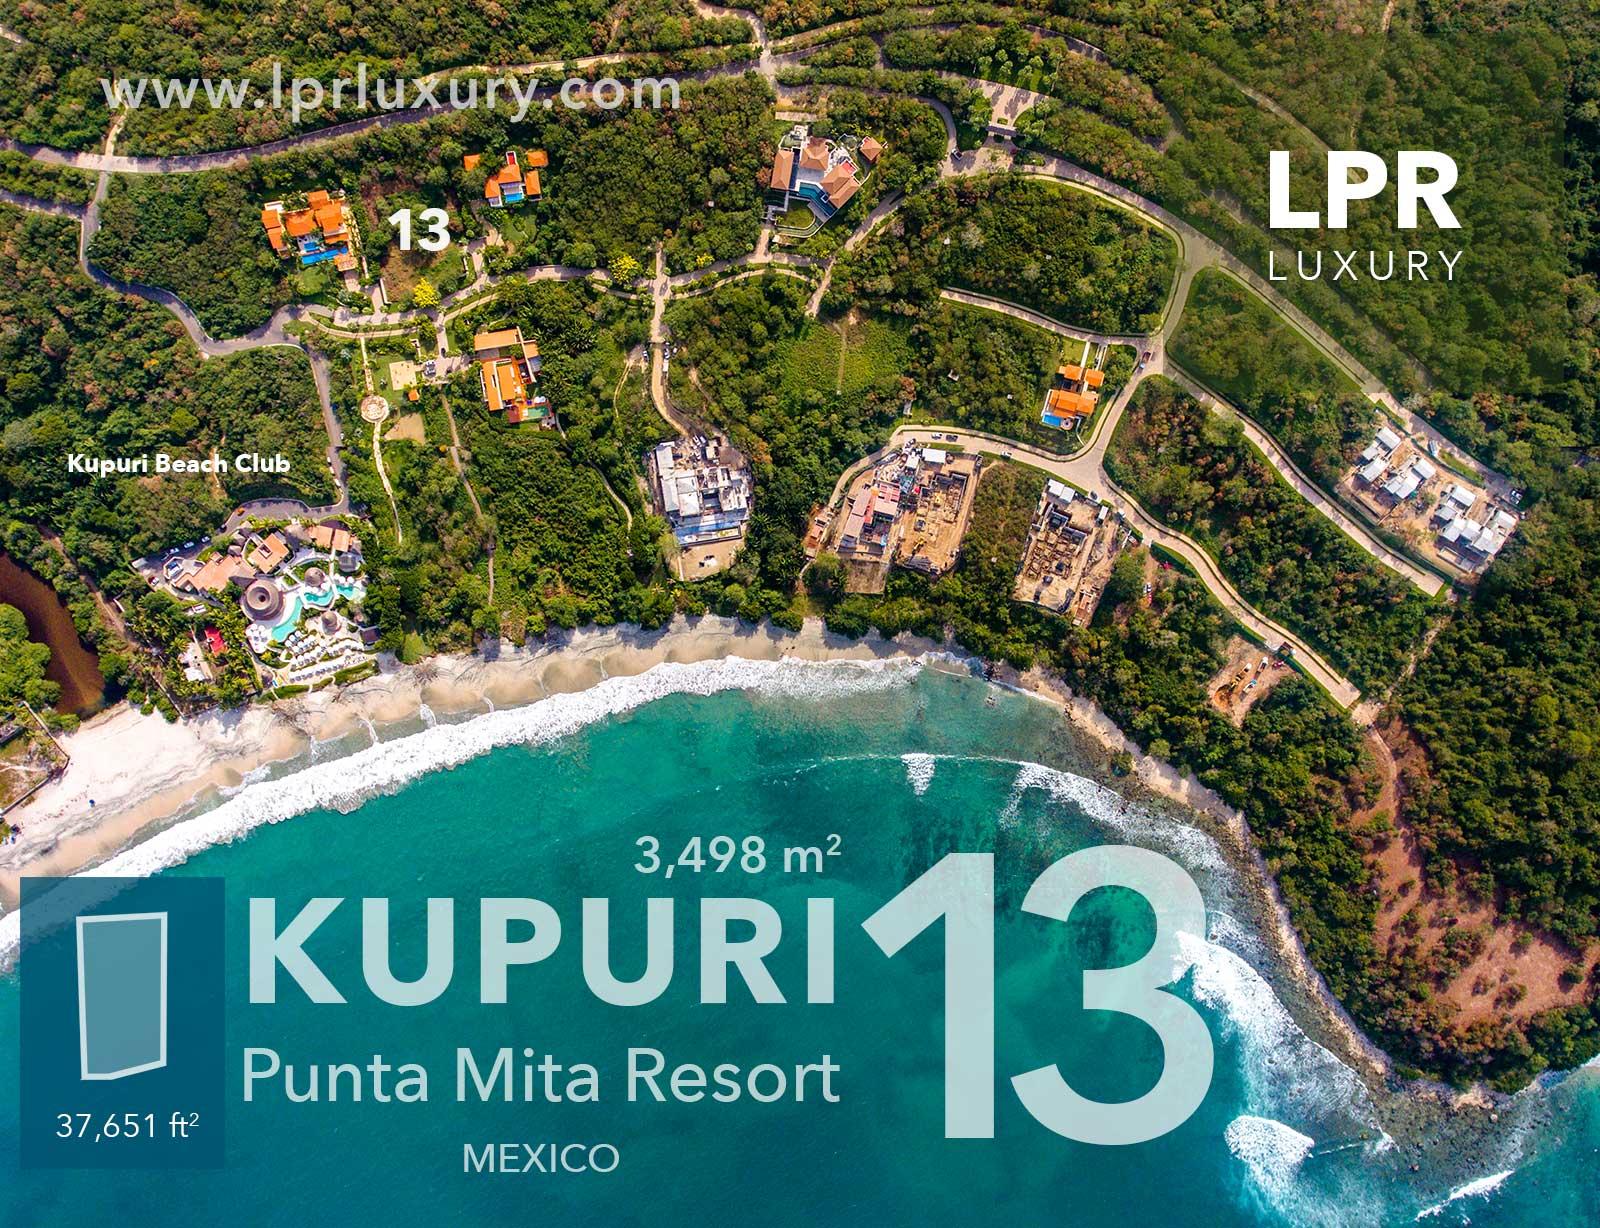 Kupuri - Lot 13 at the Punta Mita Resort, Mexico